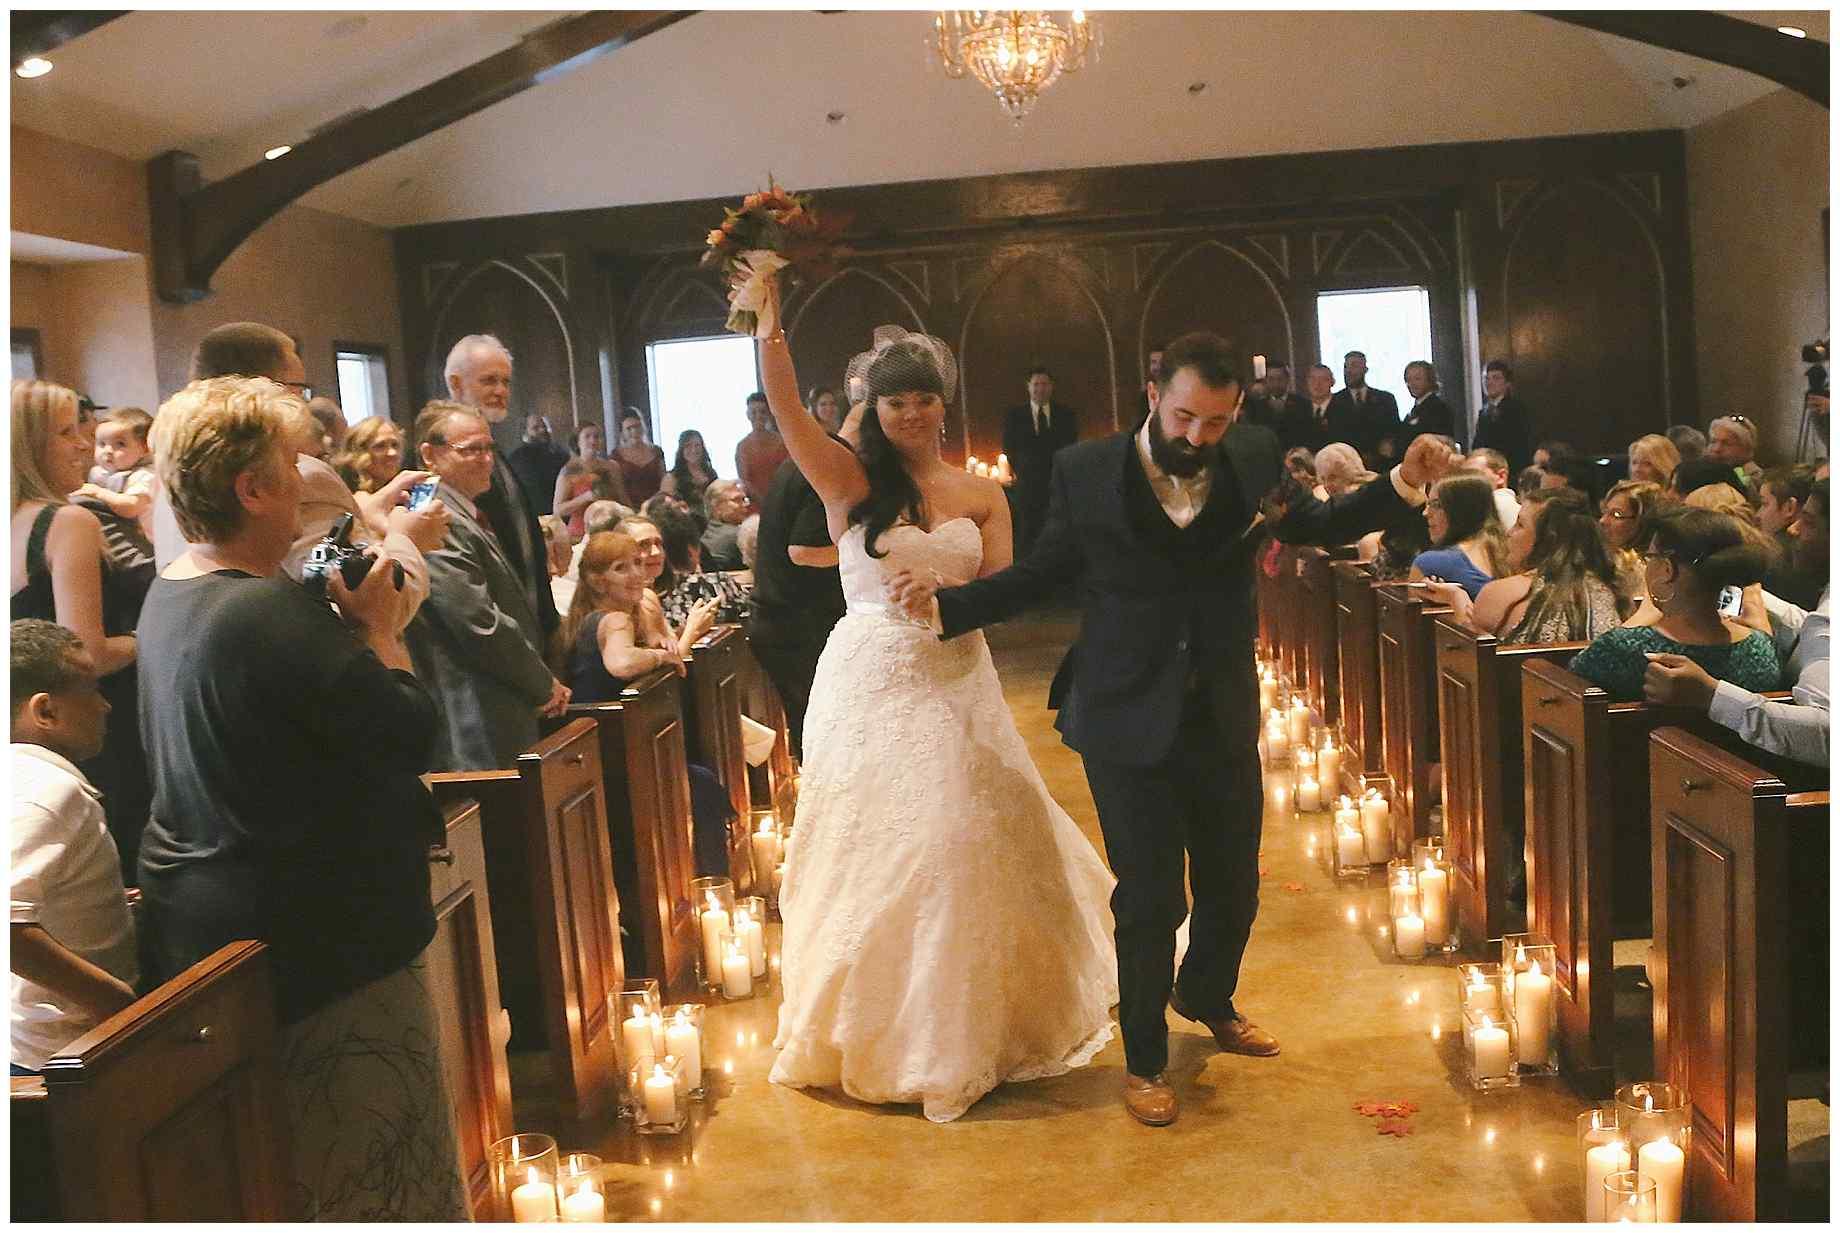 Le-Beaux-Chateau-wedding-photos-025